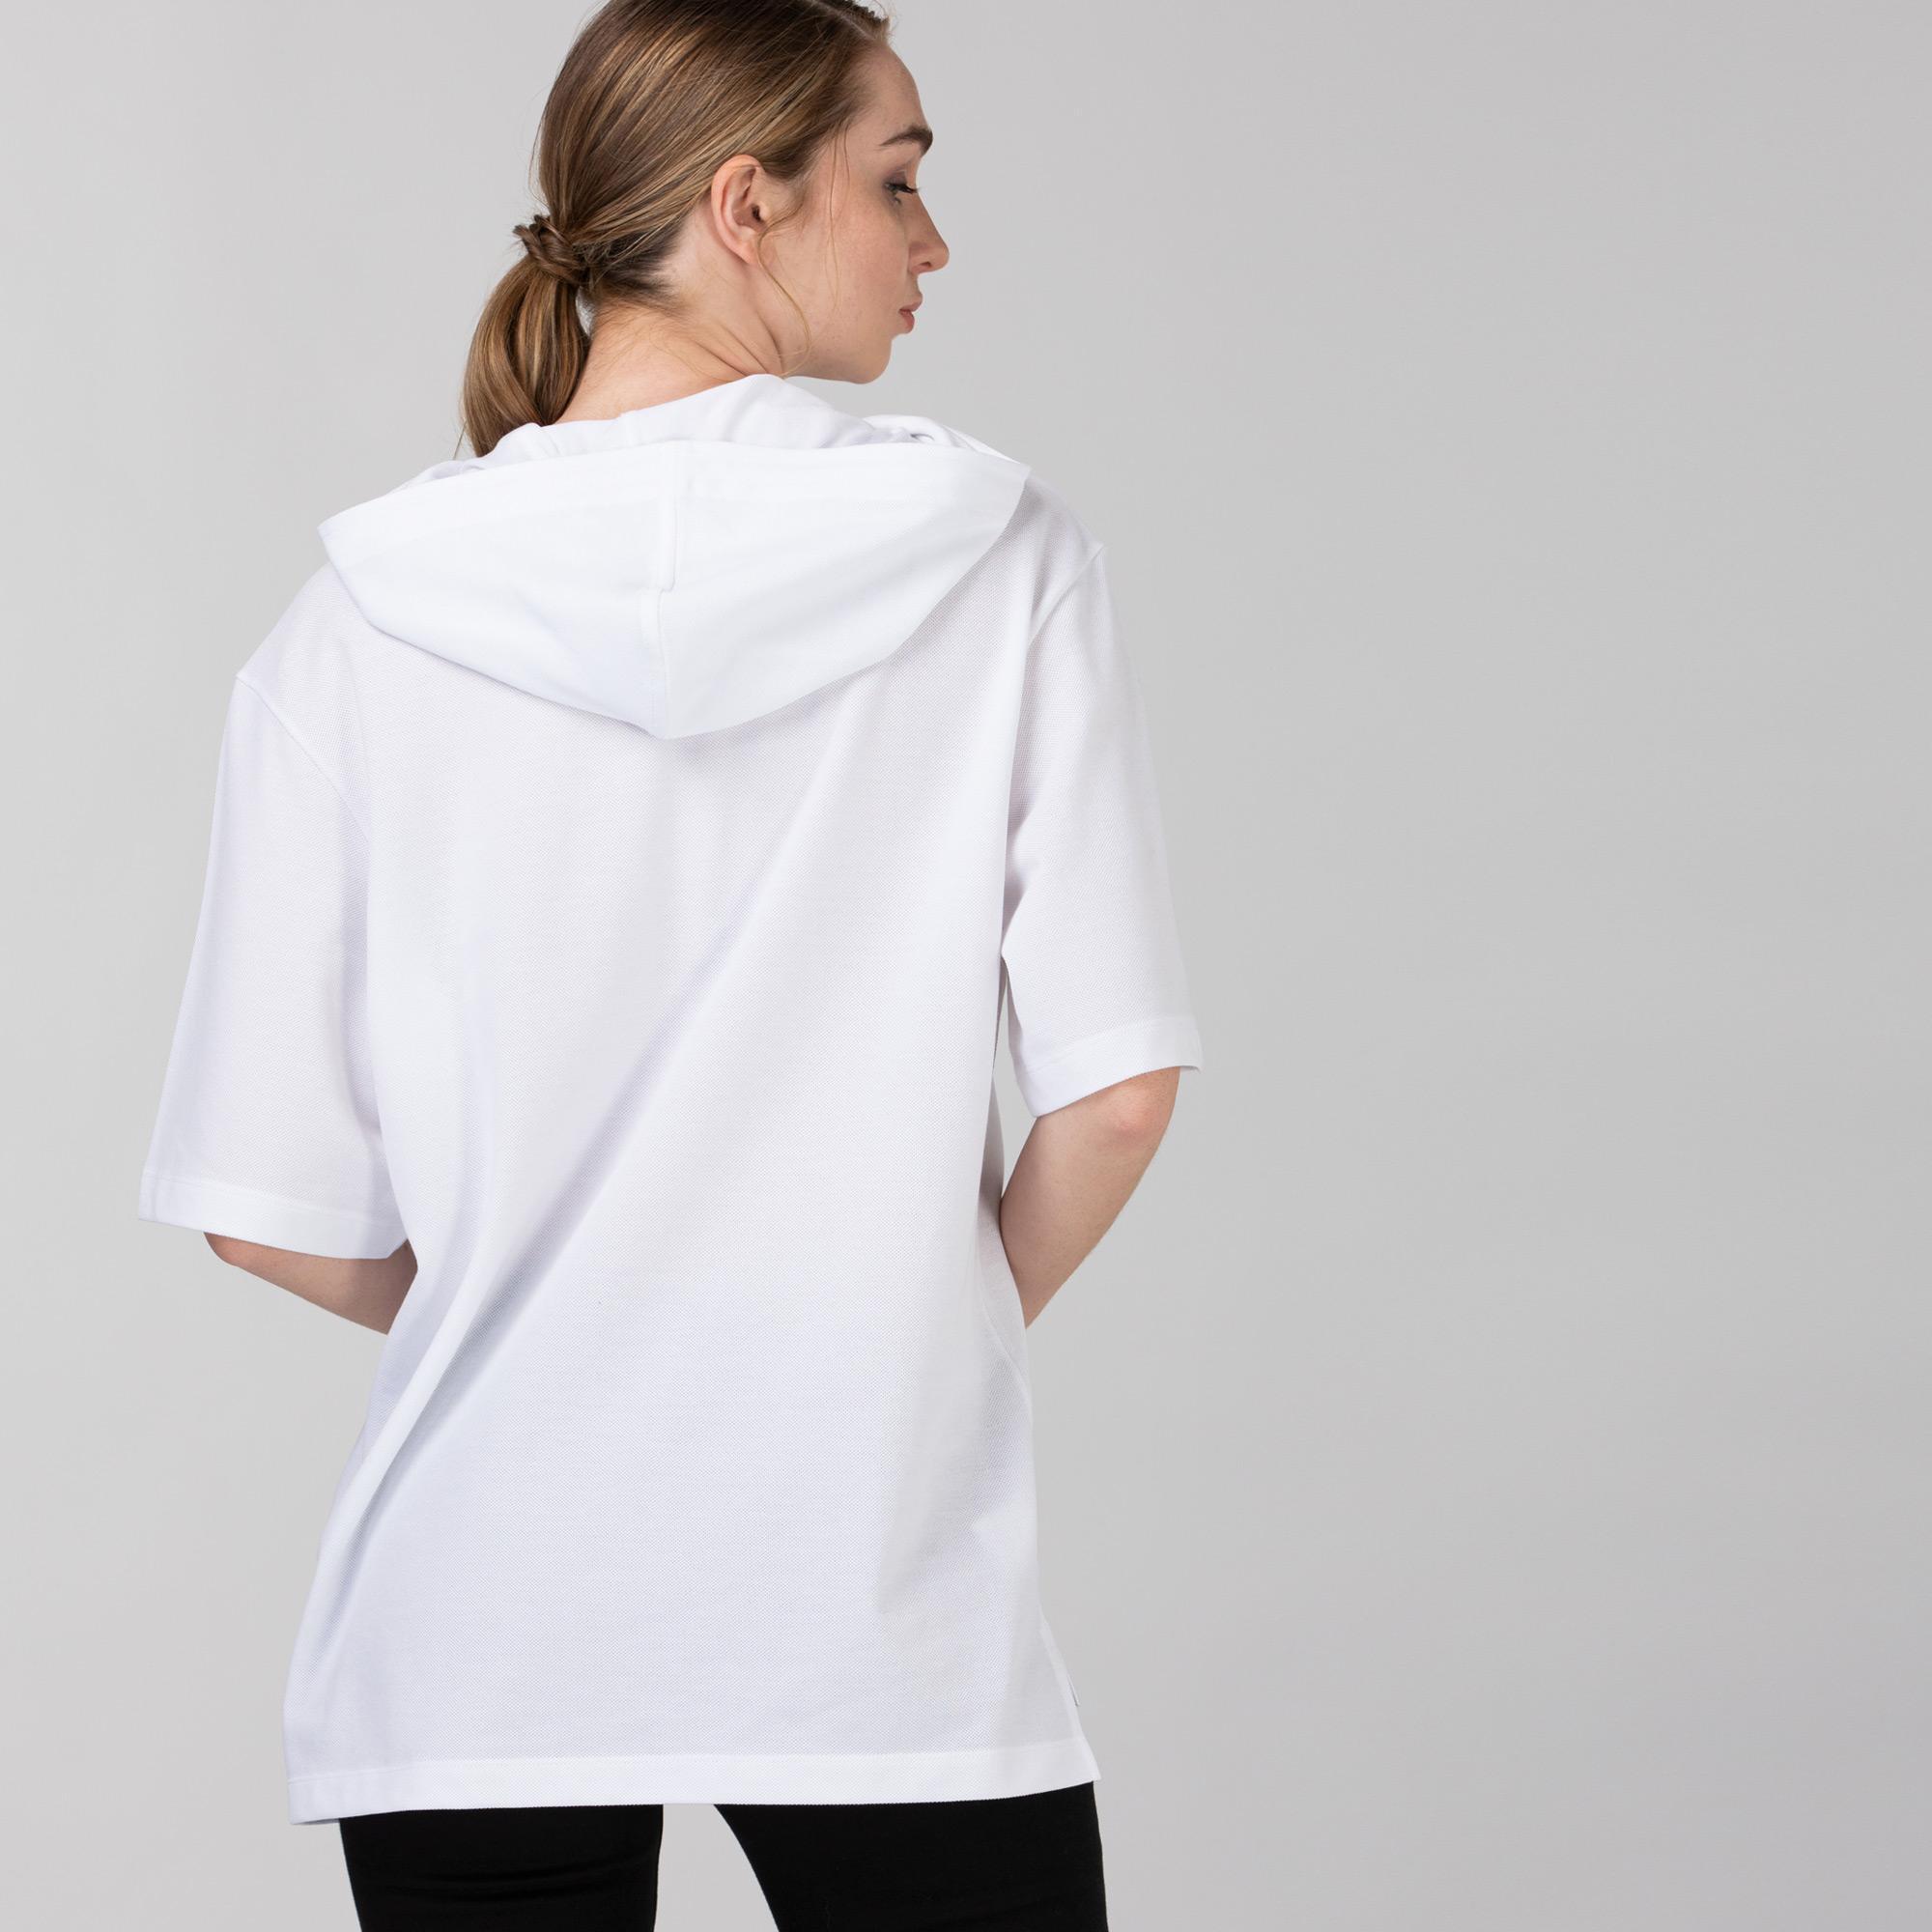 Lacoste Kadın Kapüşonlu Beyaz Polo